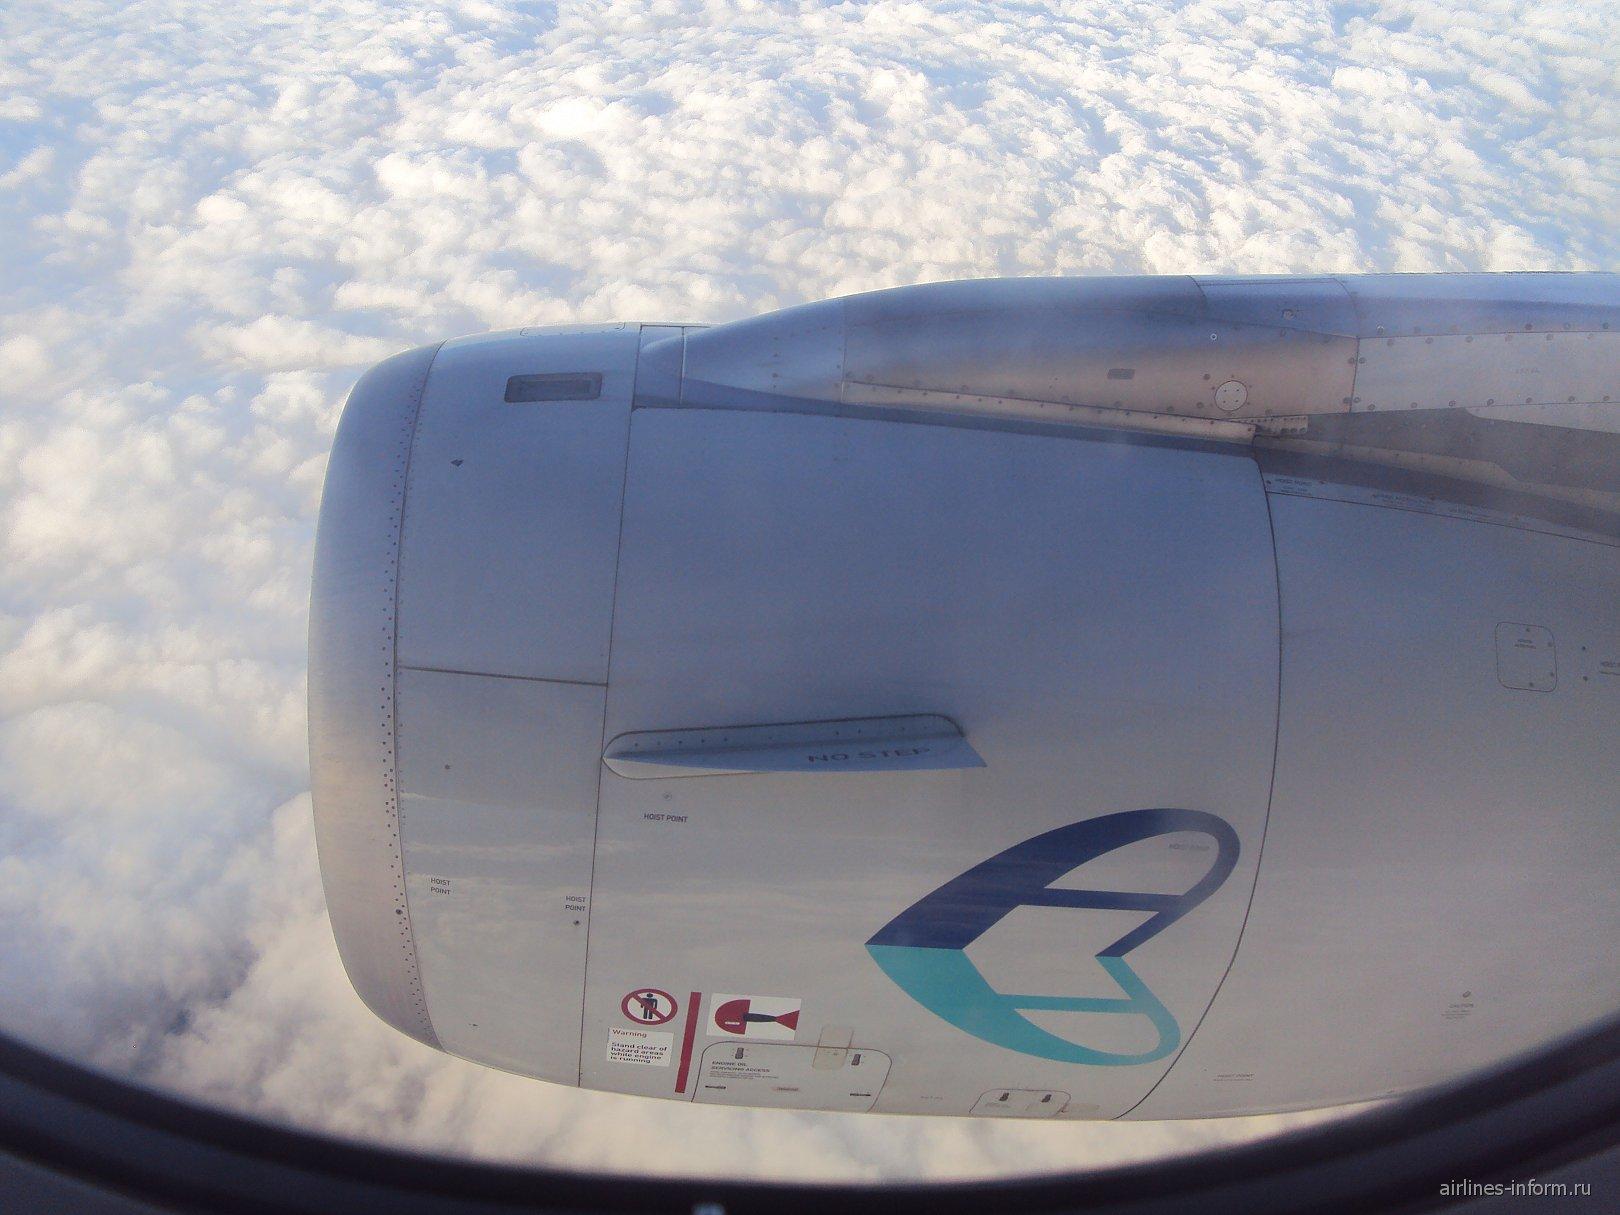 Перелет Москва-Любляна и обратно с Adria Airways